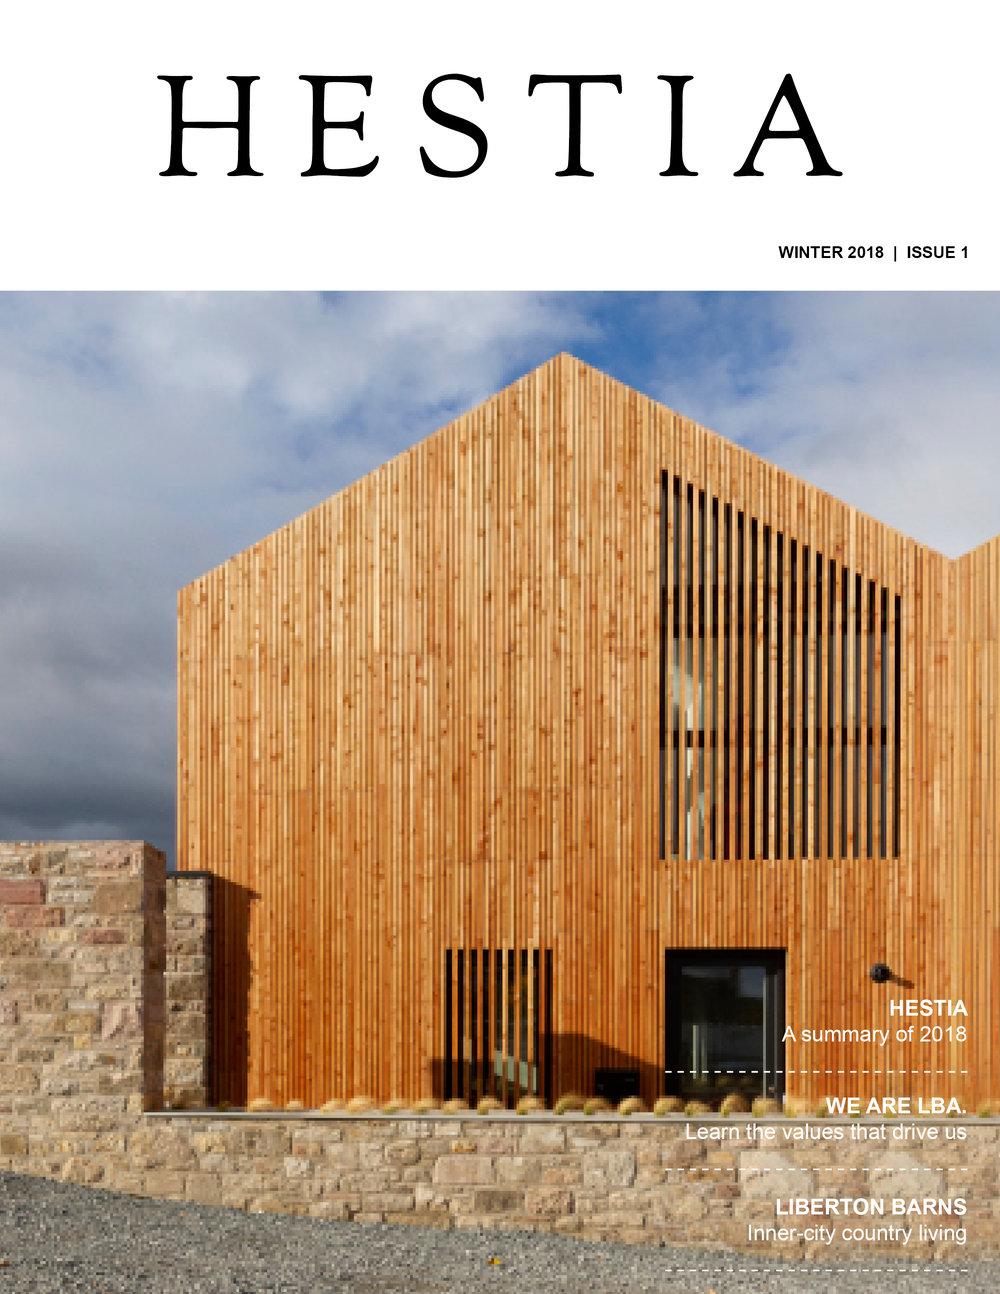 Hestia - Our LBA magazine.